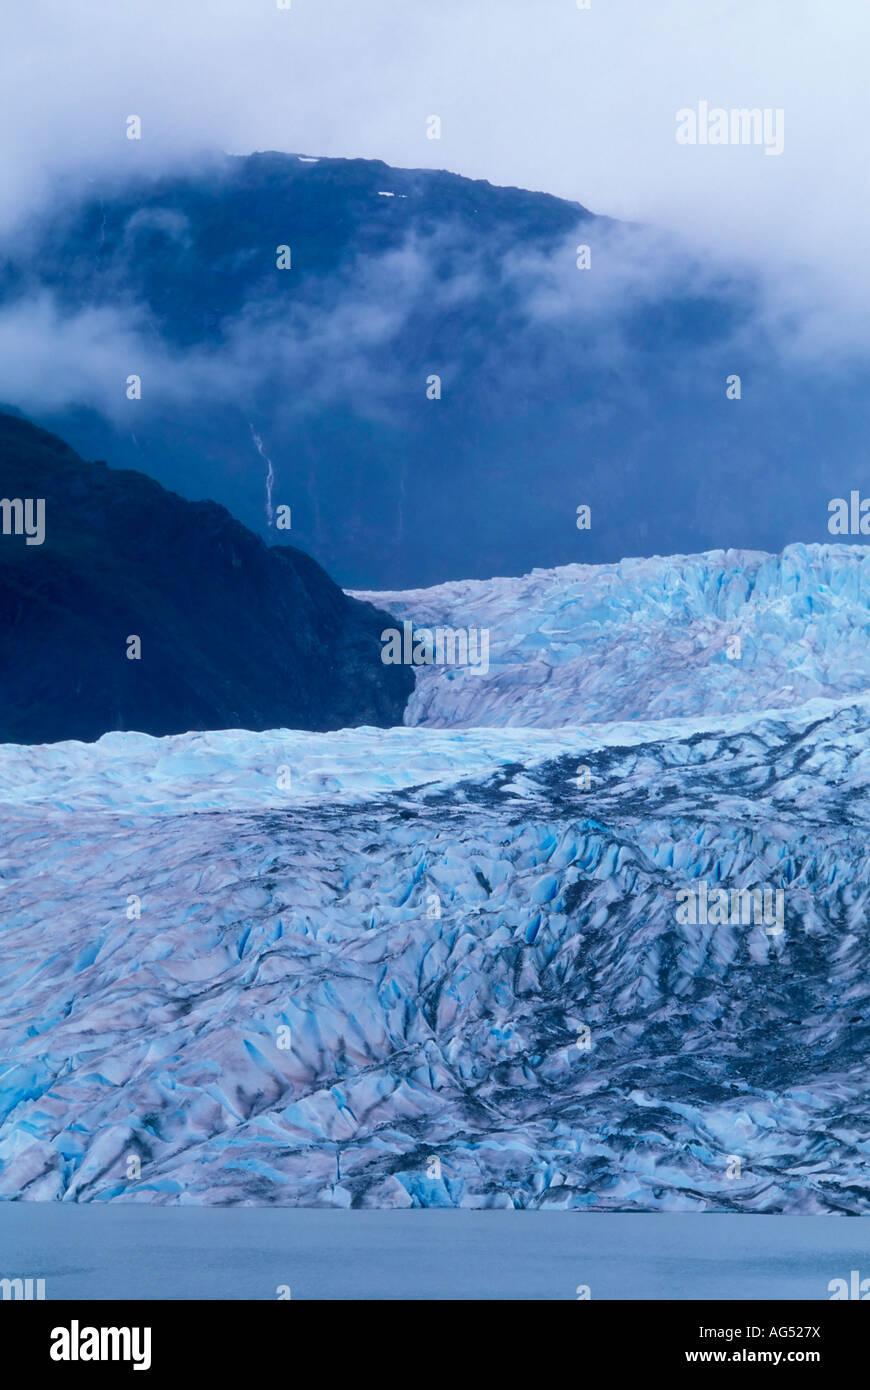 Mendenhall Glacier, edge of lake, distant mountain - Stock Image